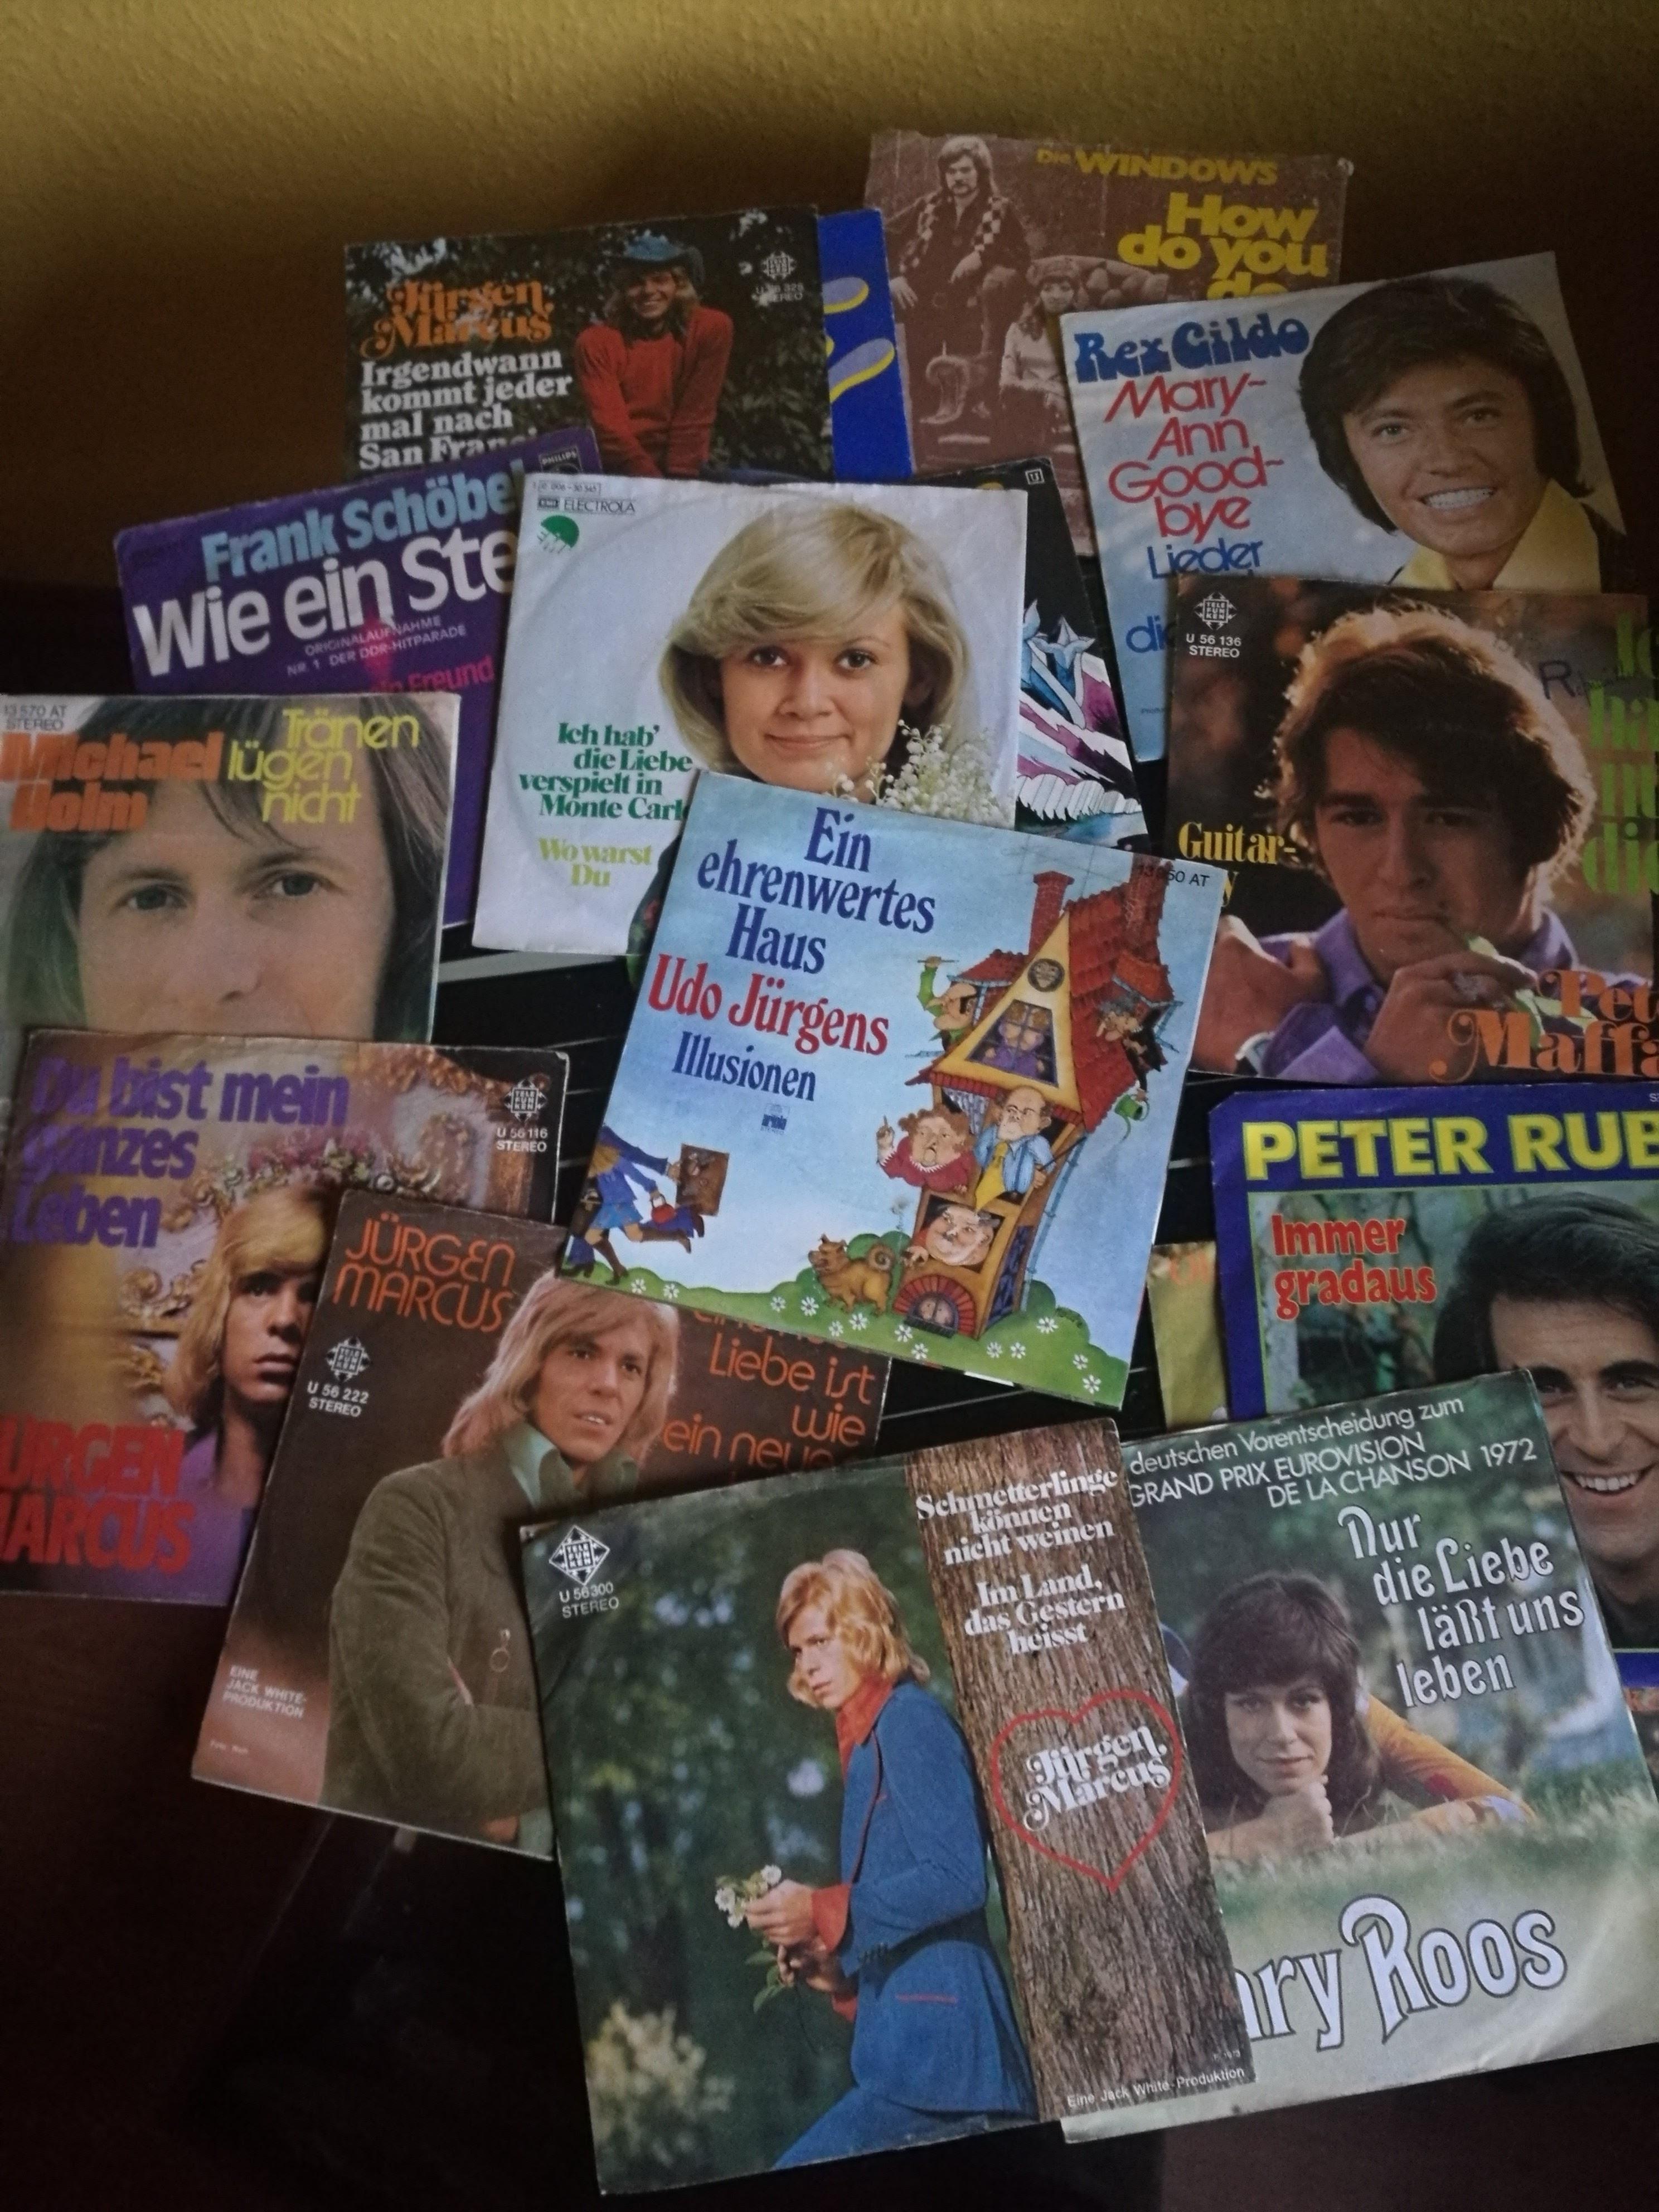 Schallplatten Singles 60er Jahre